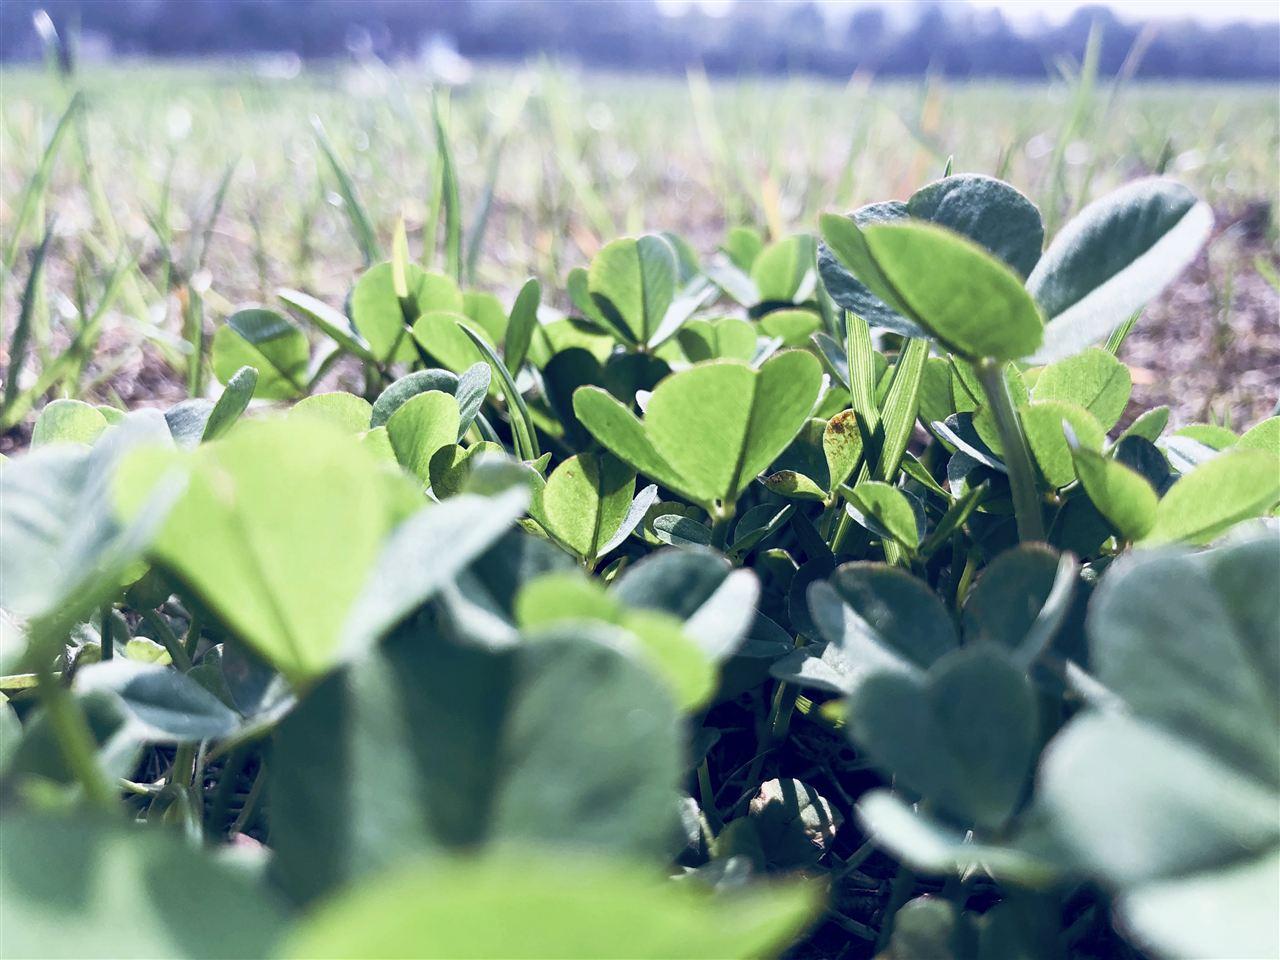 新技术 有望实现茶叶农残现场快检